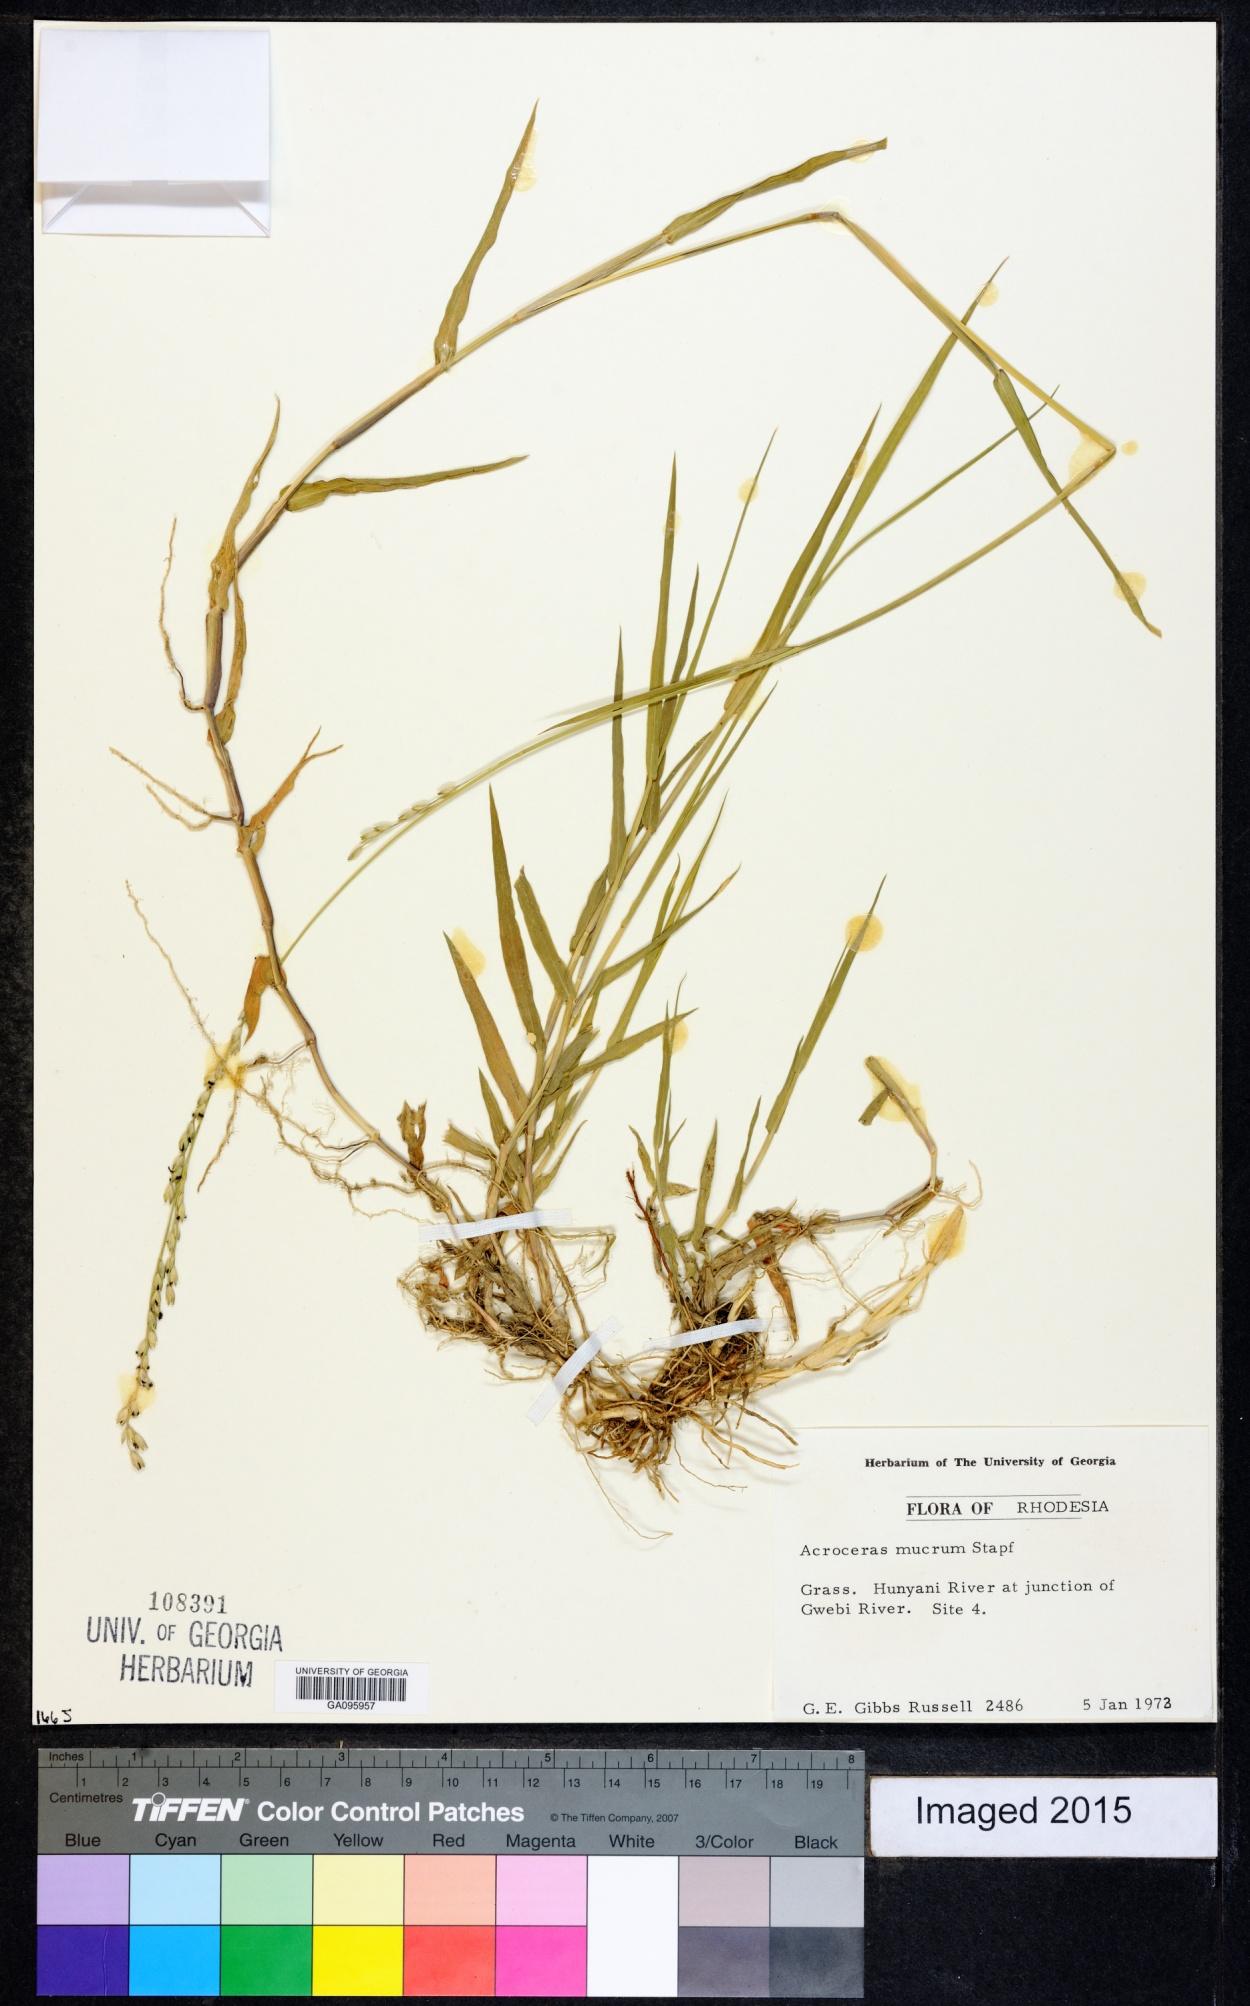 Acroceras macrum image